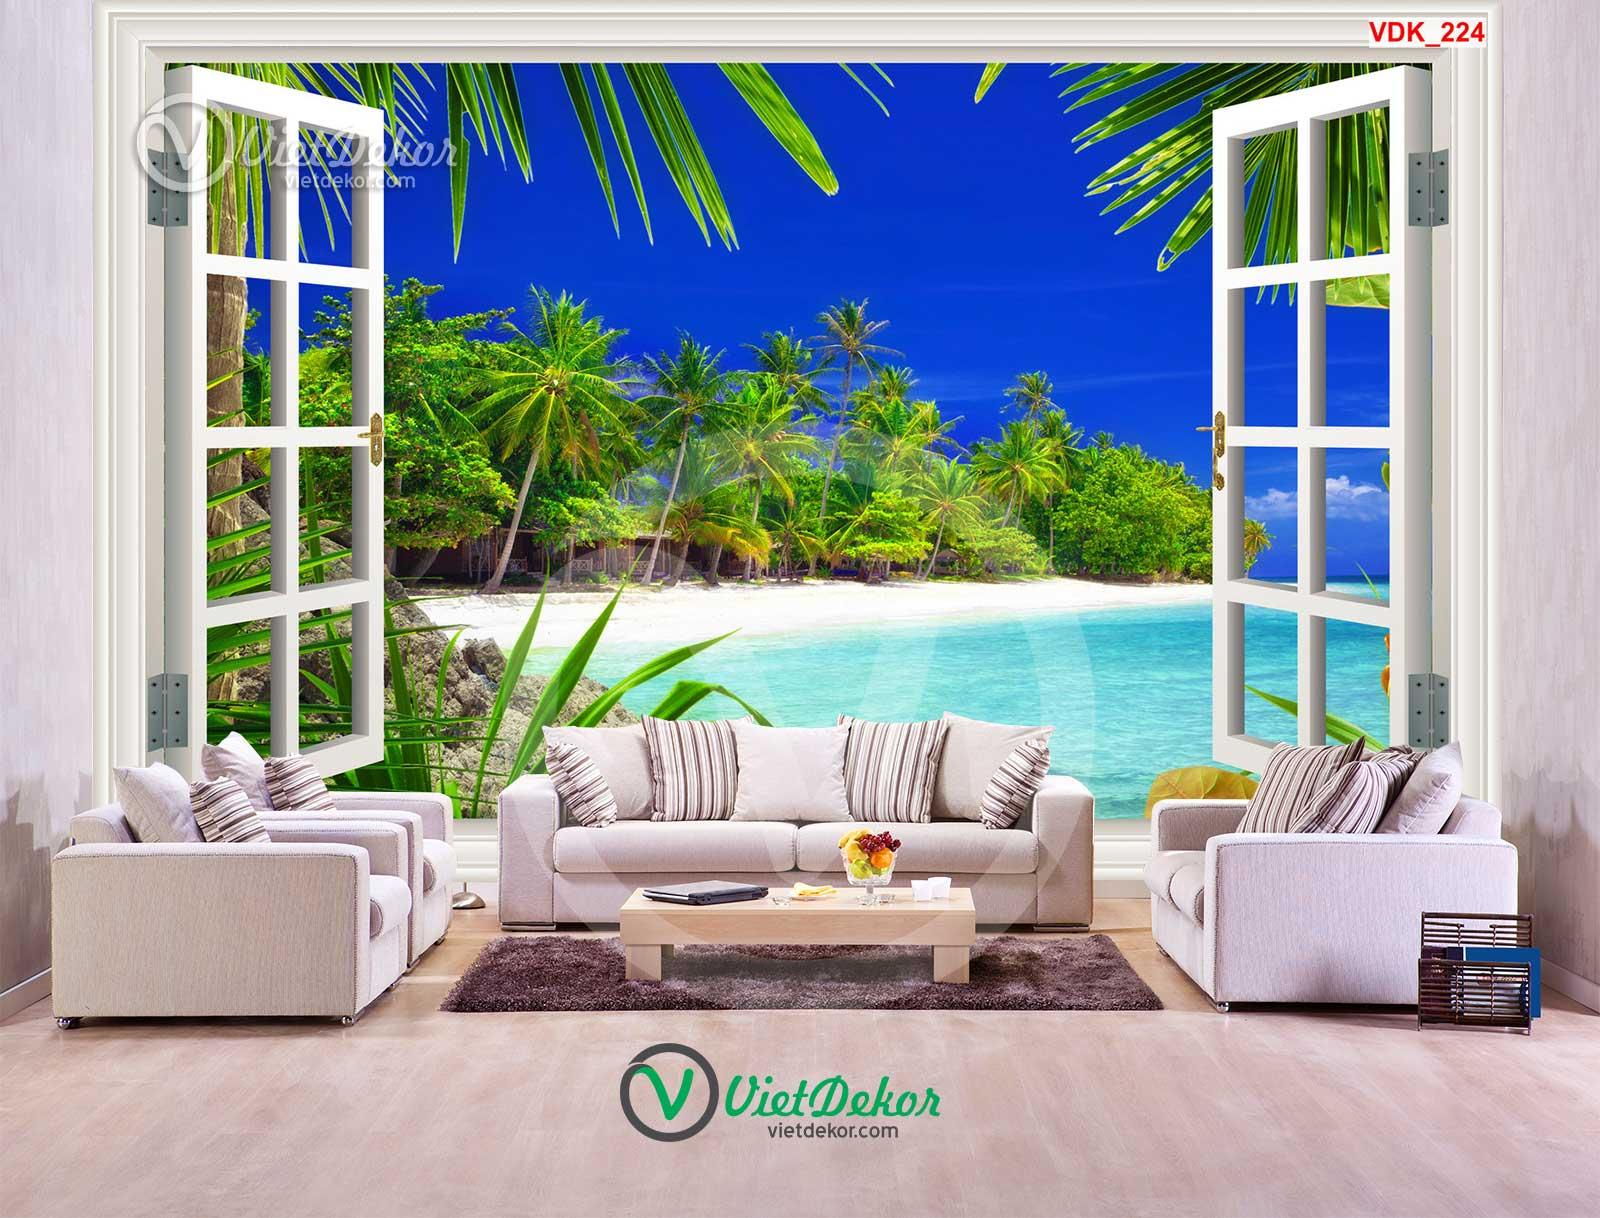 Tranh dán tường 3d cửa sổ cây và biển